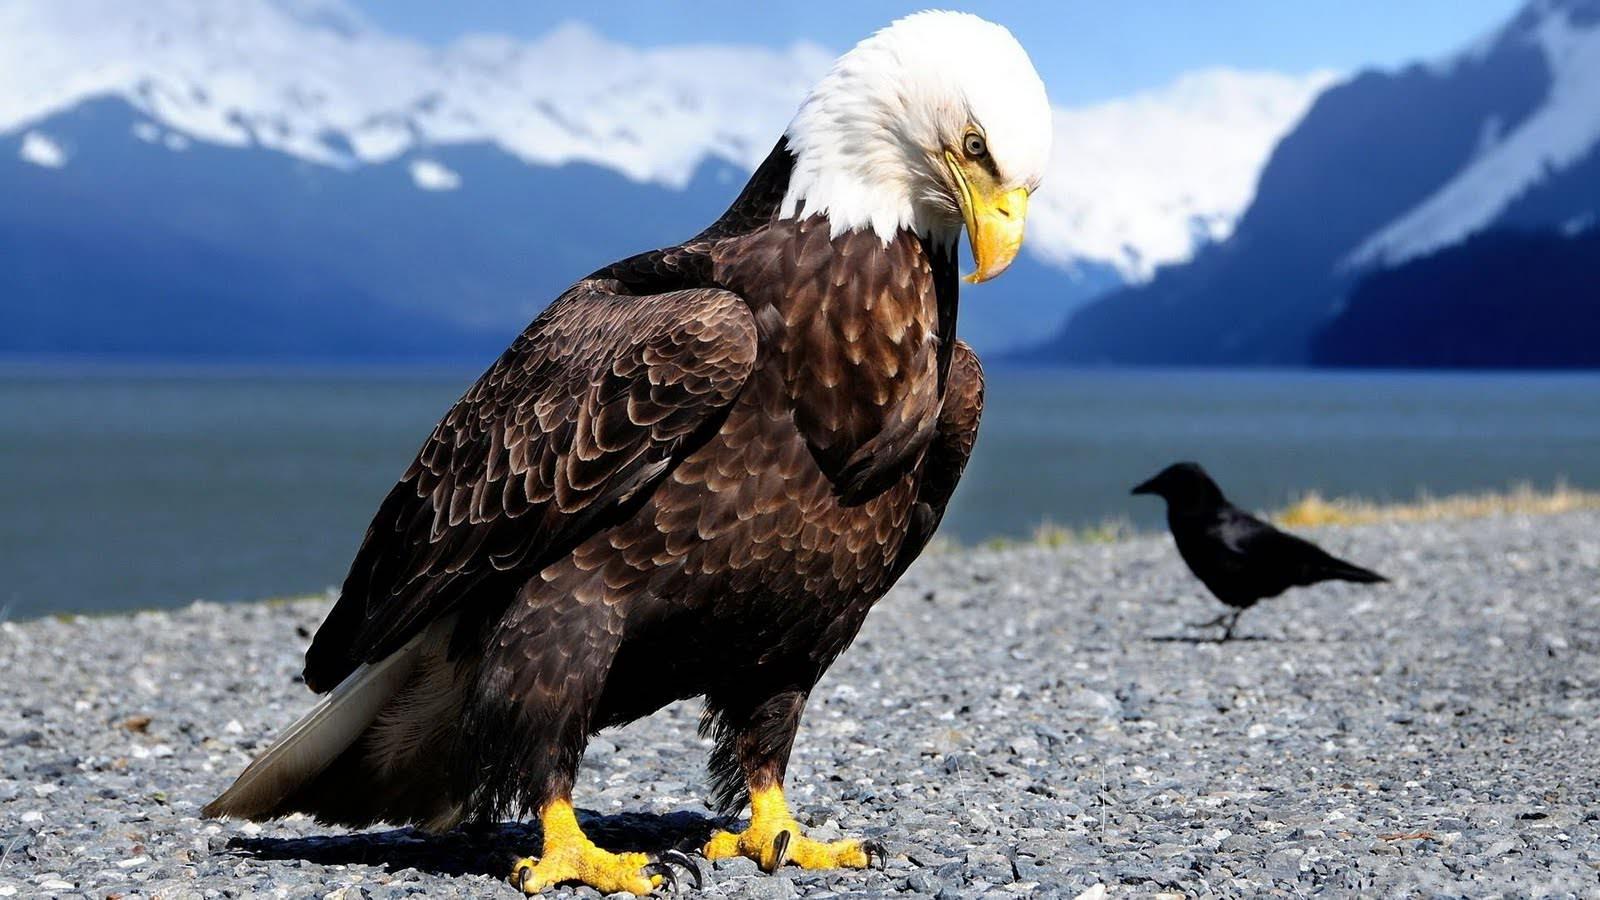 Attractive Eagle Desktop Wallpaper